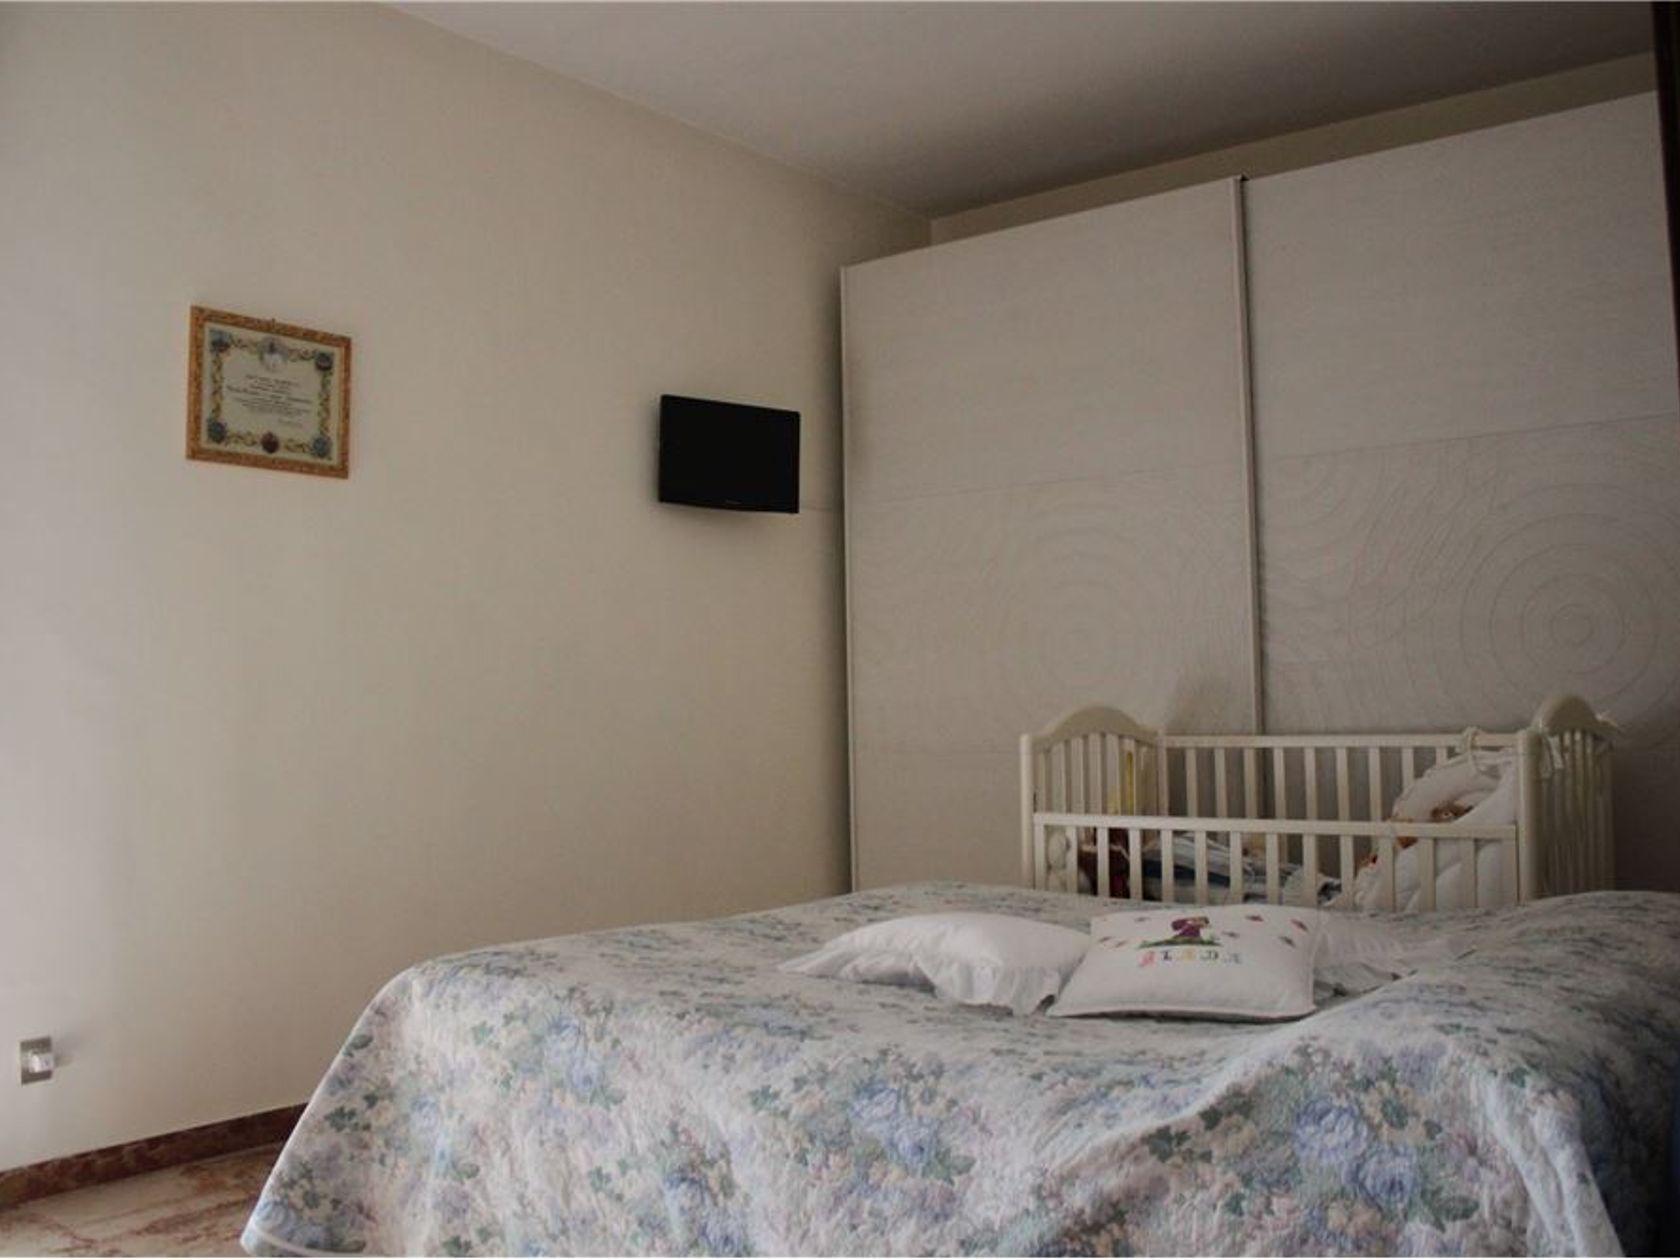 Appartamento Palese, Bari, BA Vendita - Foto 4